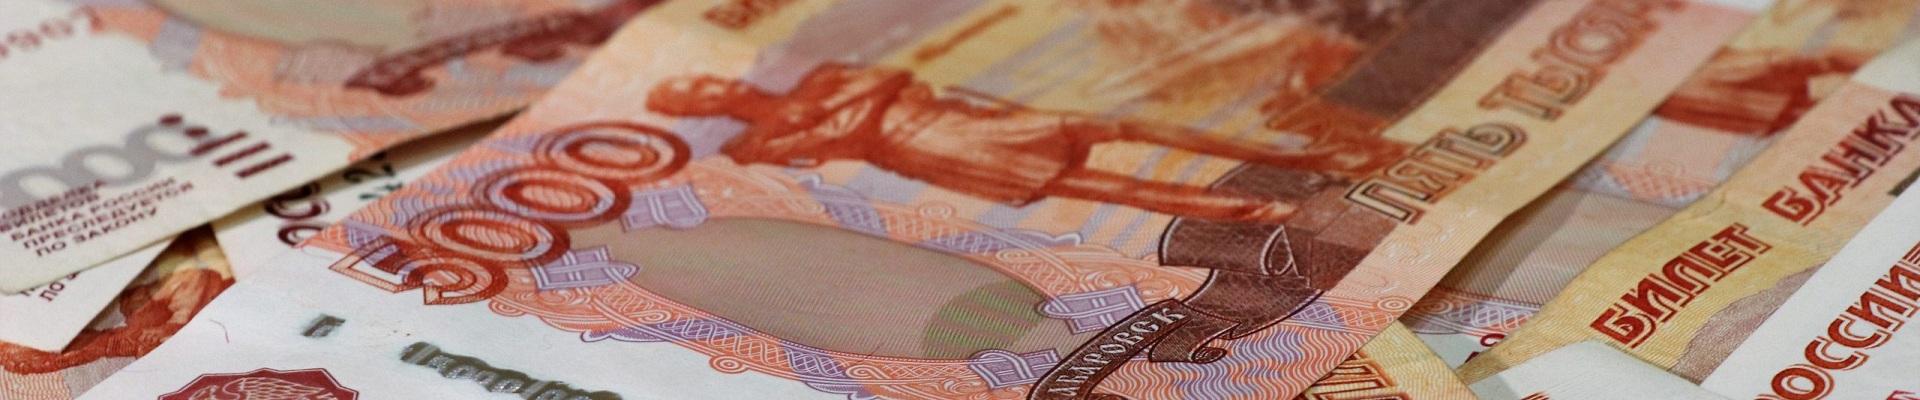 Число просроченных кредитов растет, ЦБ с помощью социальных выплат сдерживает ухудшающуюся ситуацию